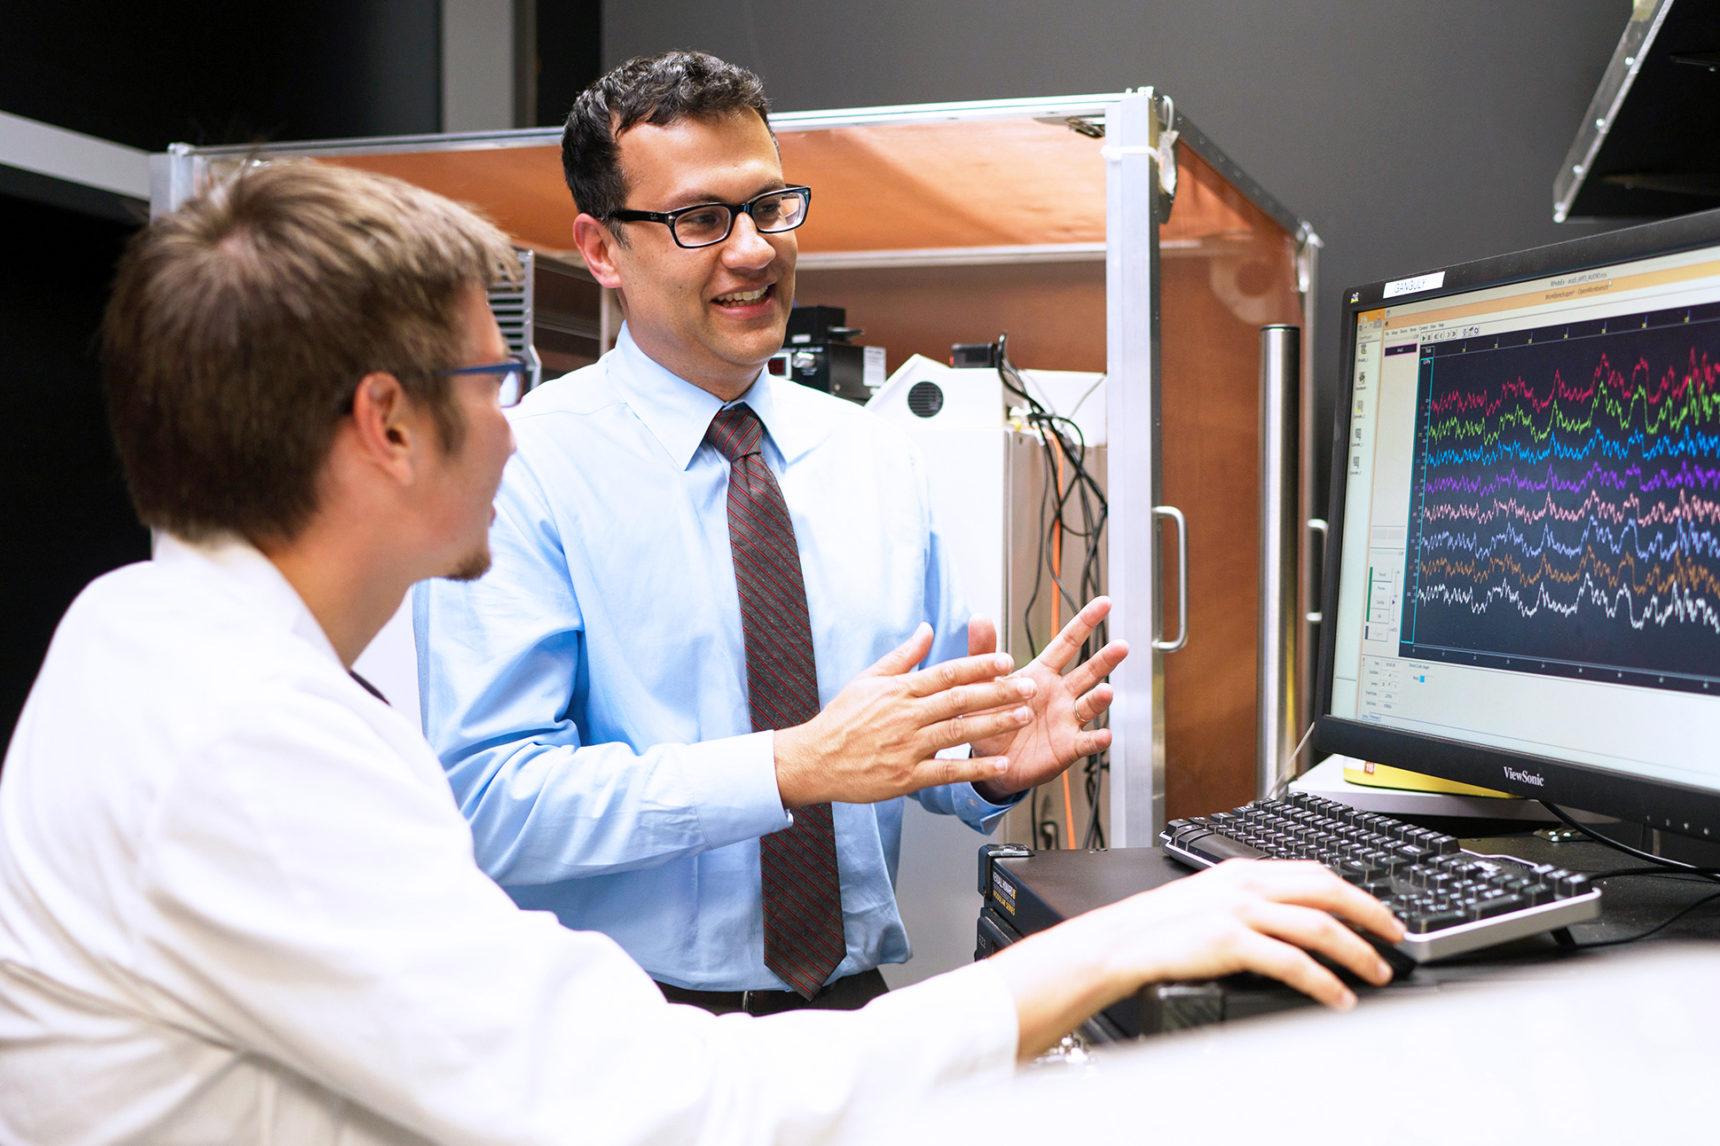 Karunesh Ganguly, en su laboratorio. En la pantalla se aprecian los rastros de las oscilaciones lentas y delta obtenidas durante el experimento. Foto: UCSF.